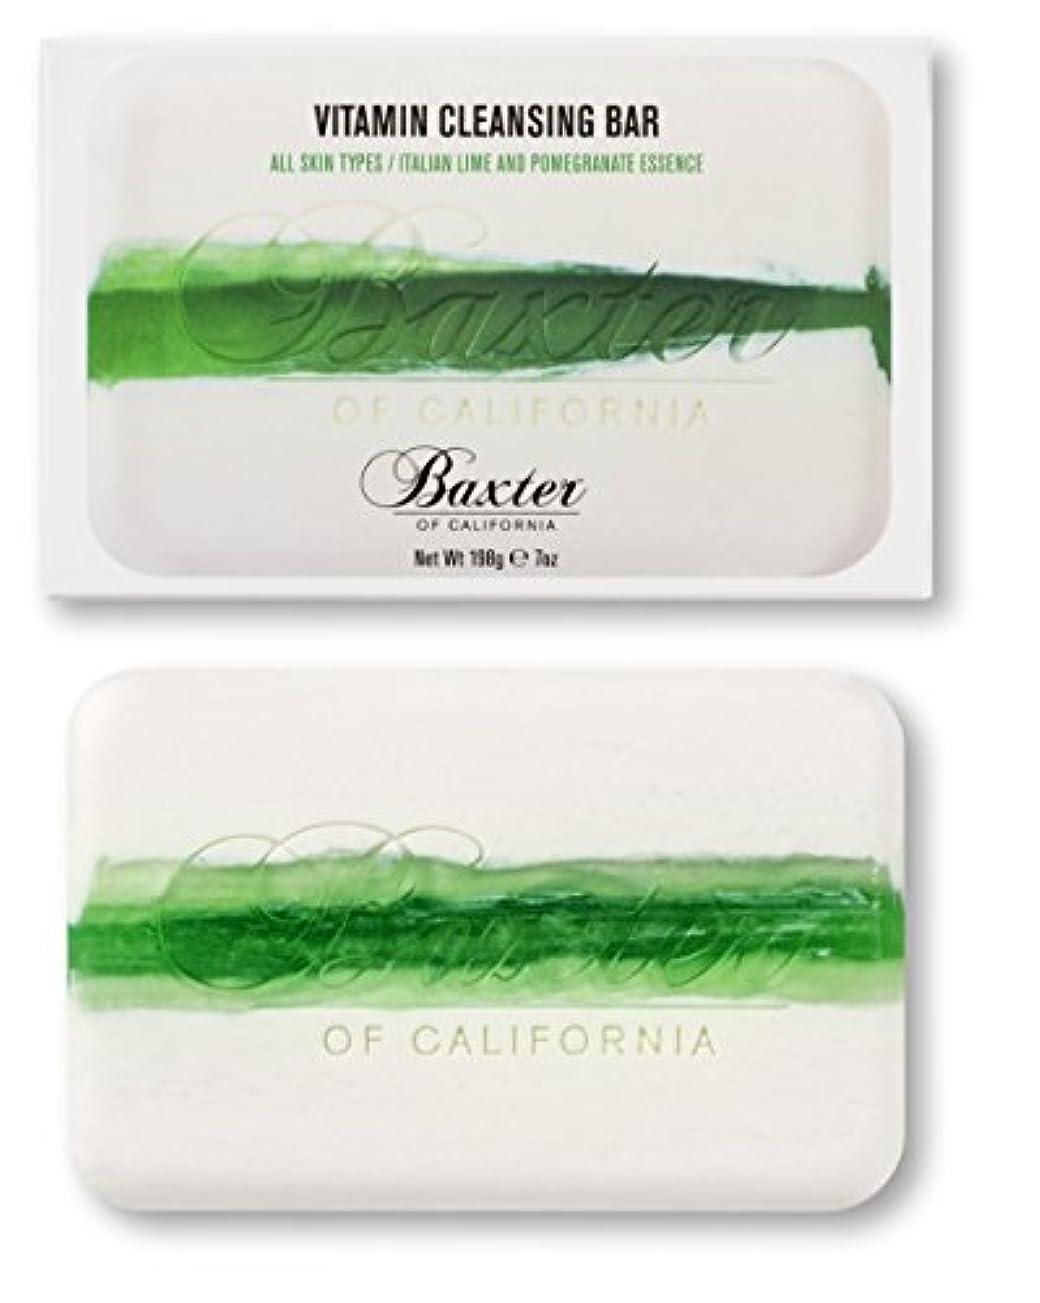 小麦粉相談枯れるBaxter OF CALIFORNIA(バクスター オブ カリフォルニア) ビタミンクレンジングバー イタリアンライム&ポメグラネート 198g